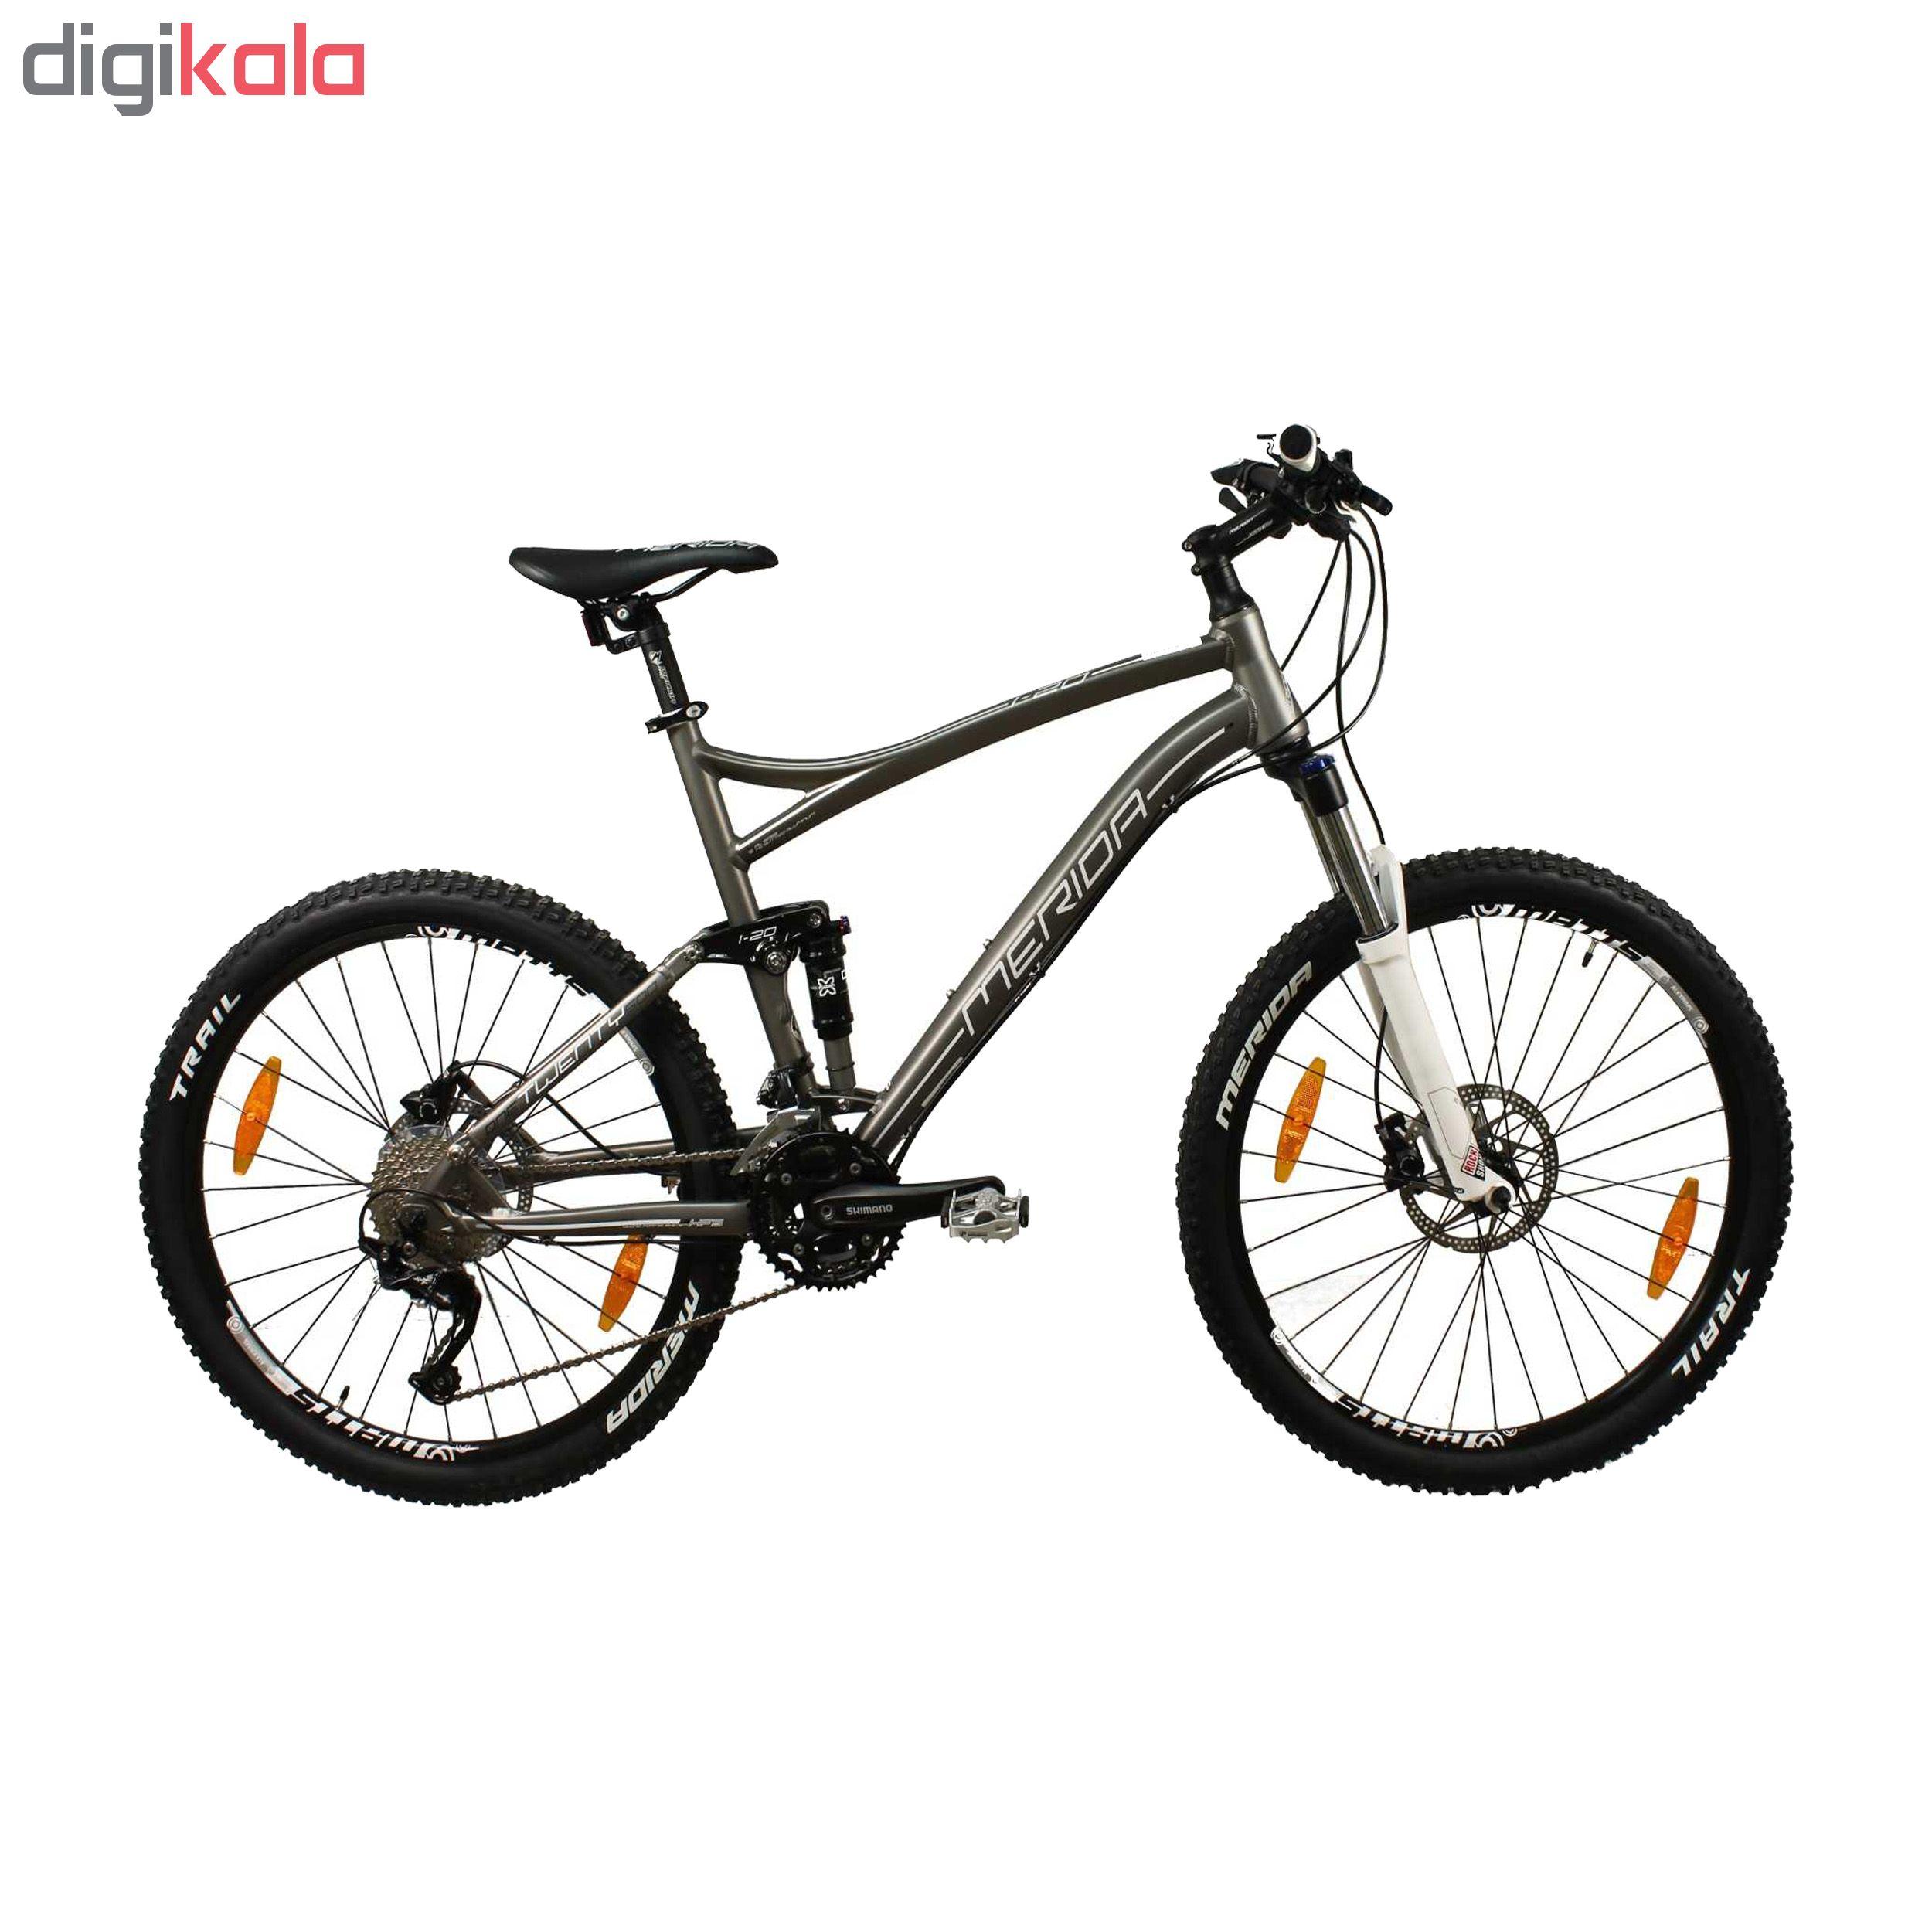 دوچرخه کوهستان مریدا مدل ONE-TWENTY 500 D سایز 26